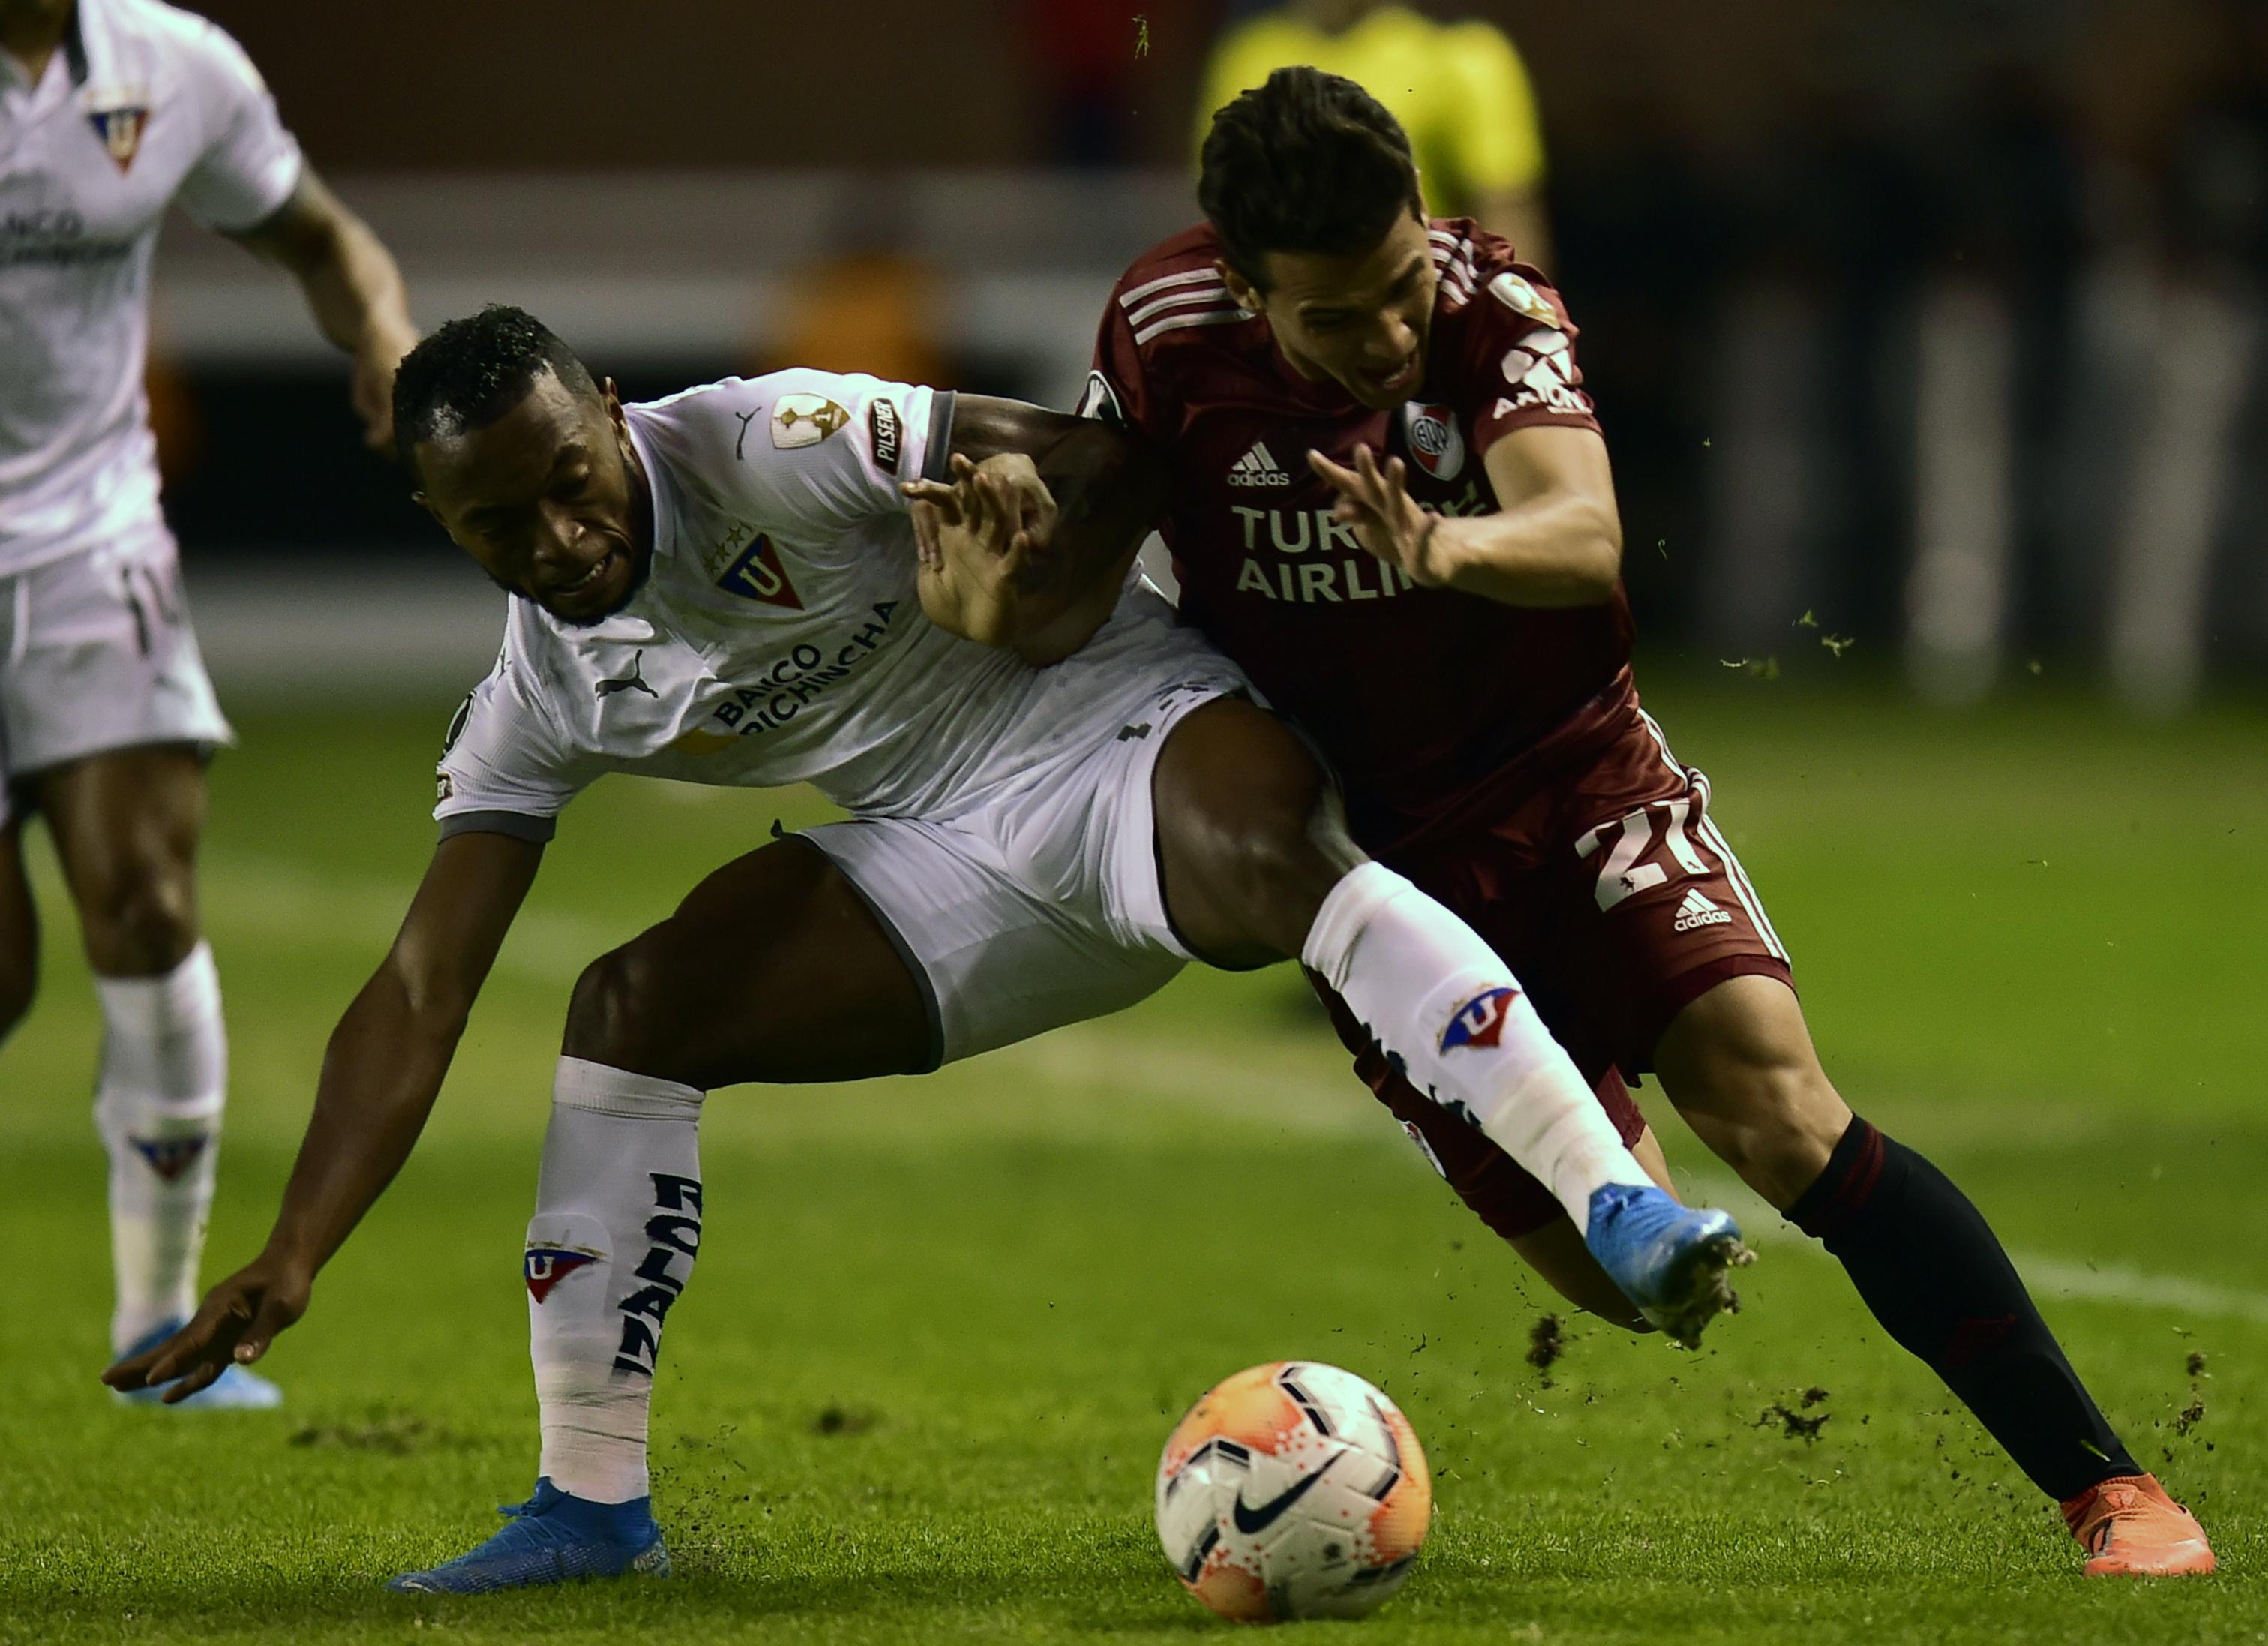 Liga de Quito - River Plate Fase de Grupos 2020